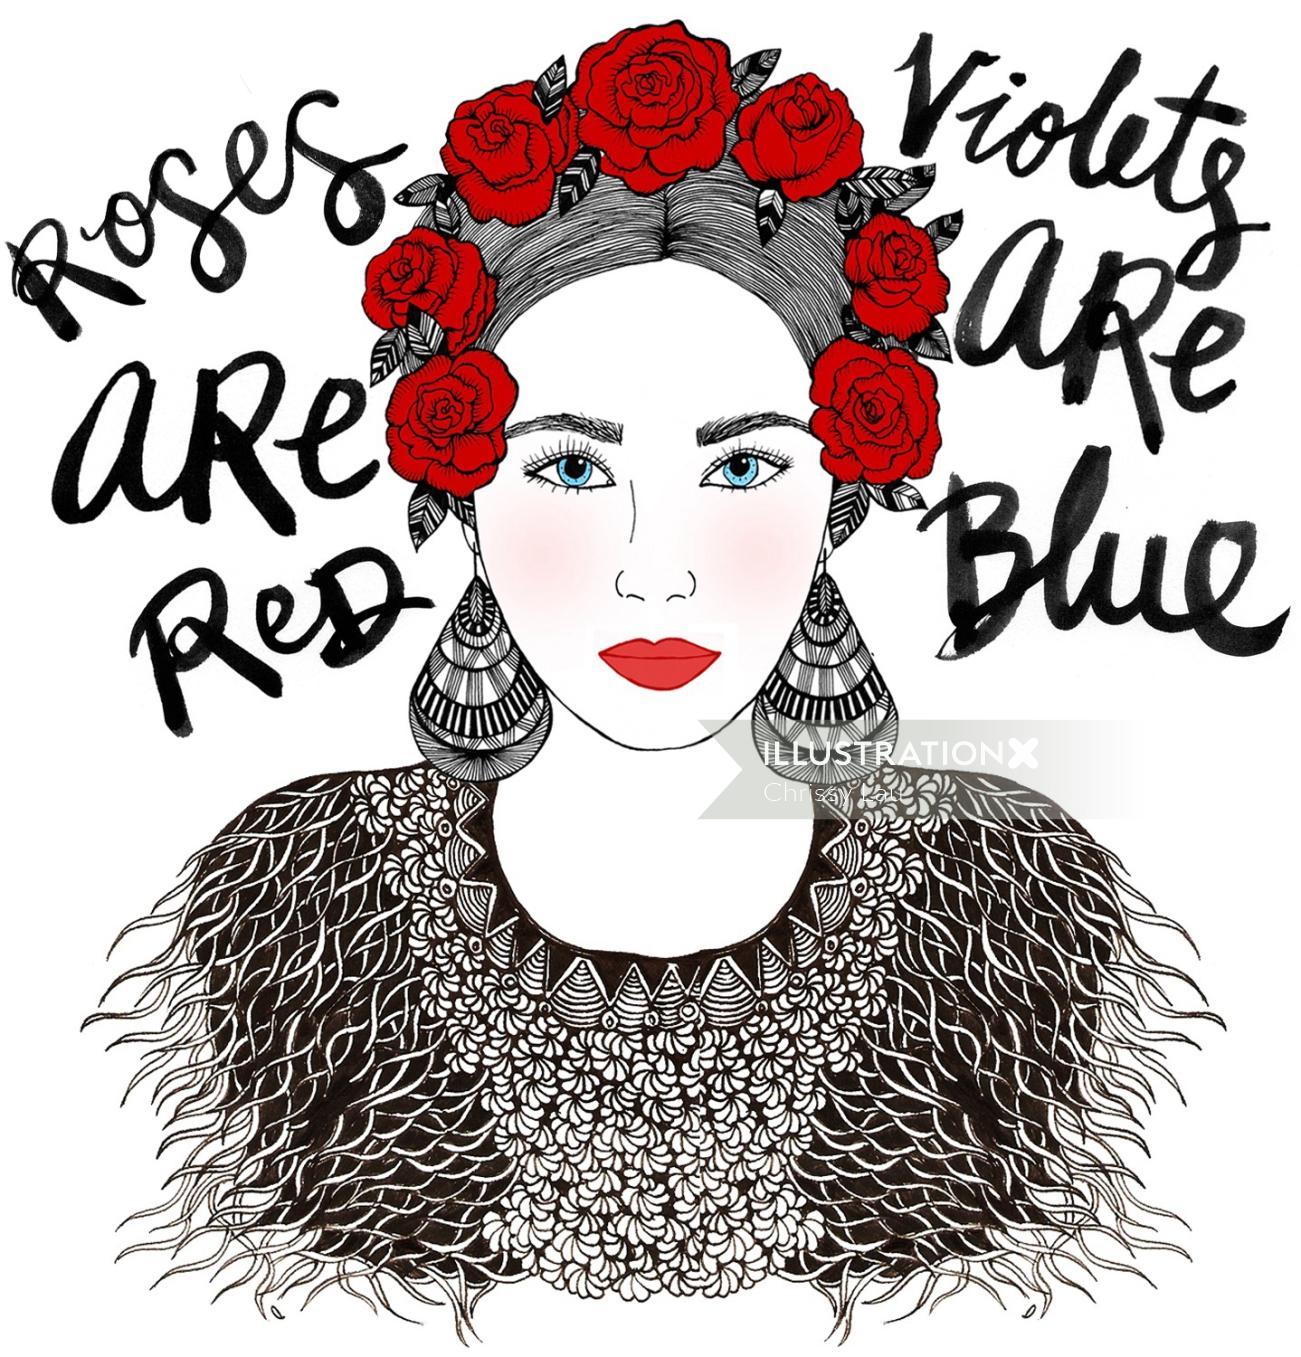 Frida Face portrait by Chrissy Lau